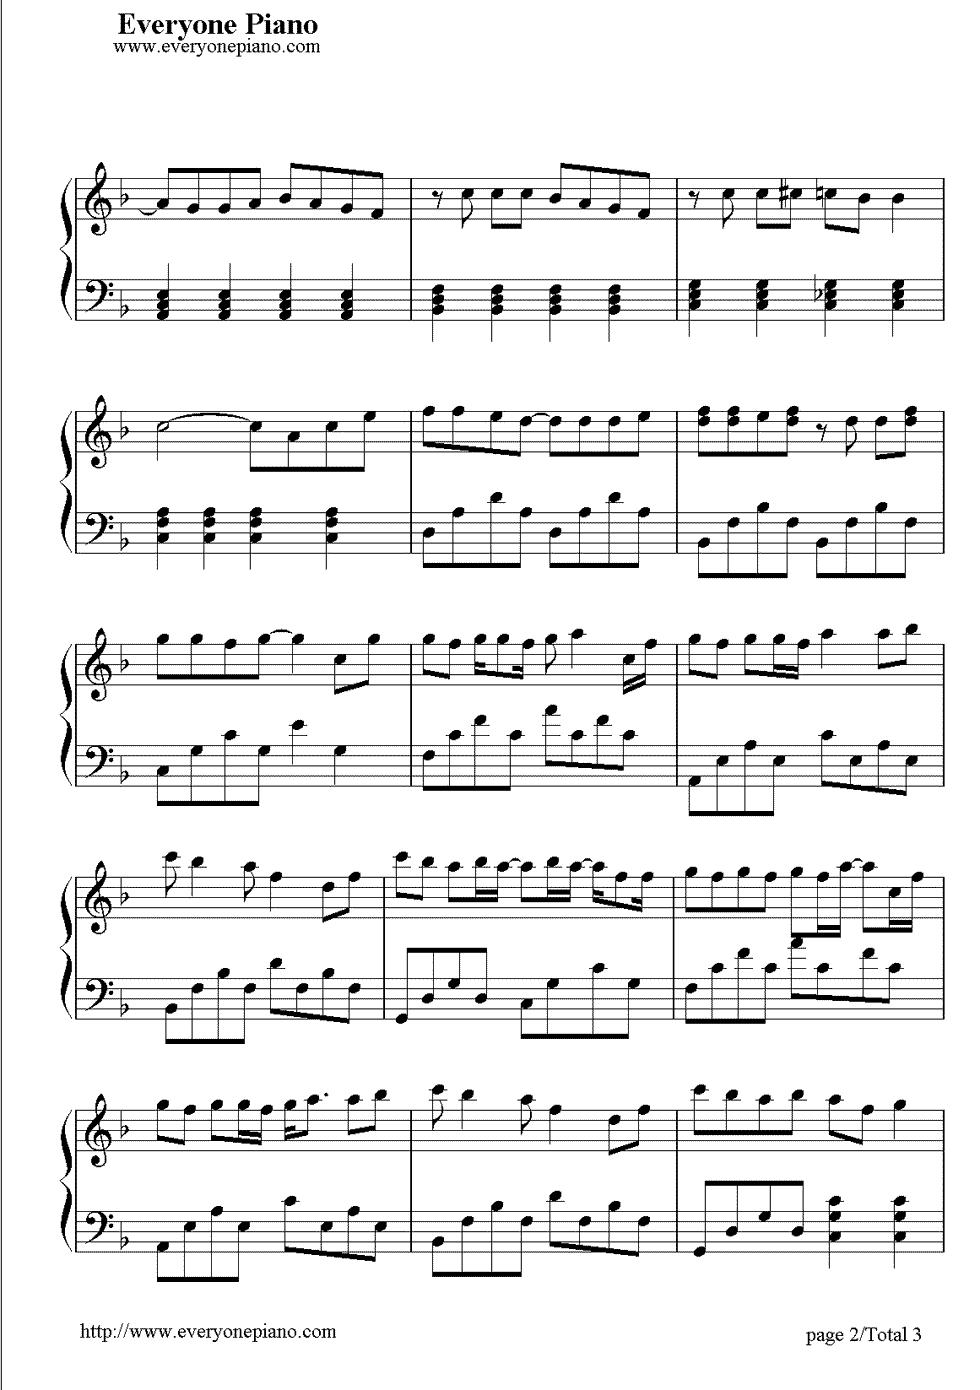 天空-蔡依林五线谱预览2-钢琴谱文件(五线谱,双手简谱